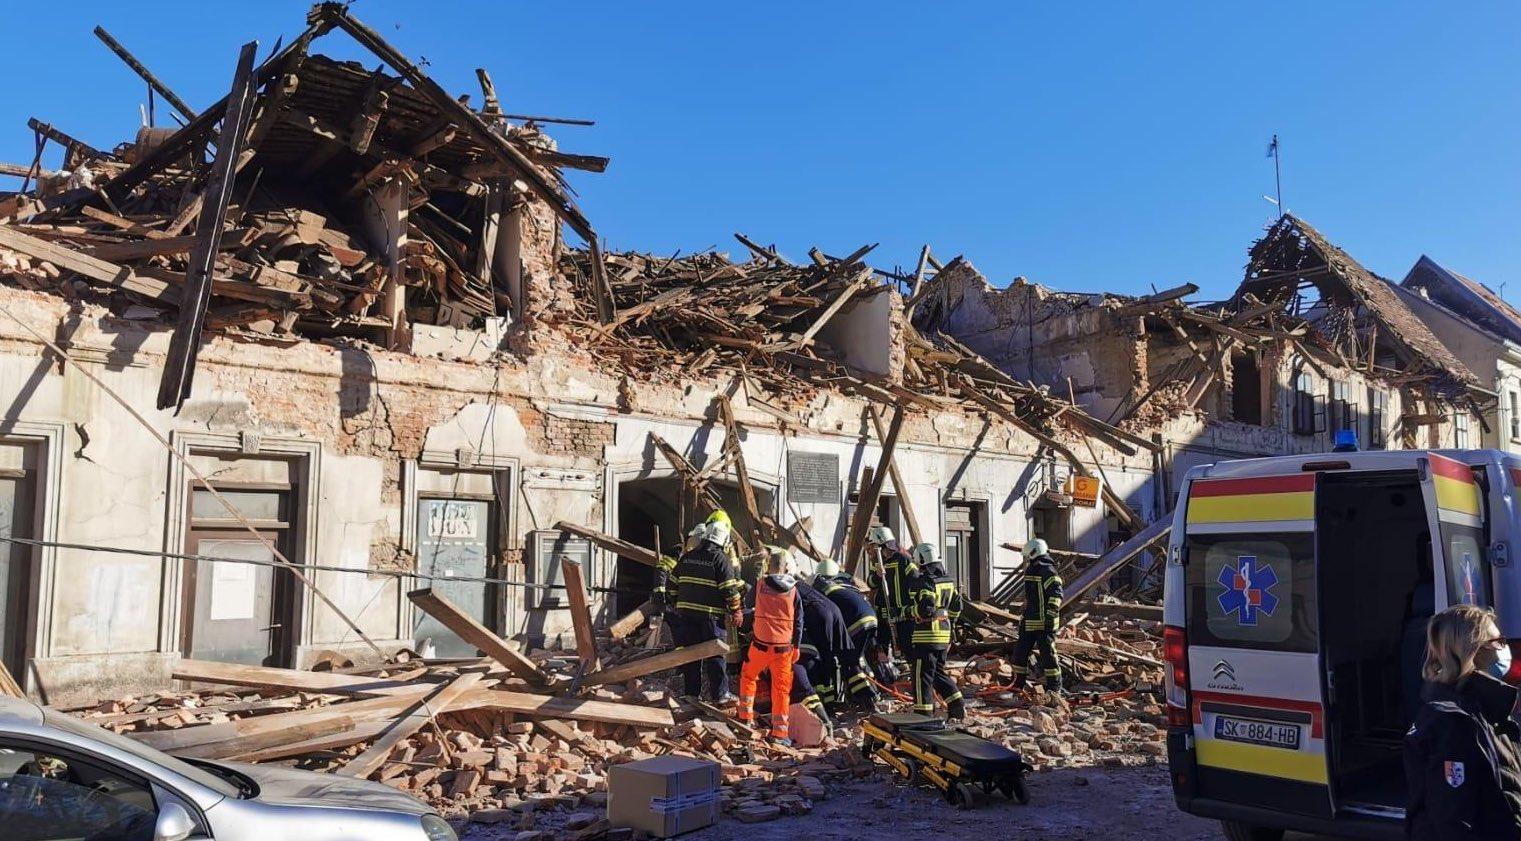 Potresi postali del našega vsakdana? Veste, kako se pravilno odzvati?